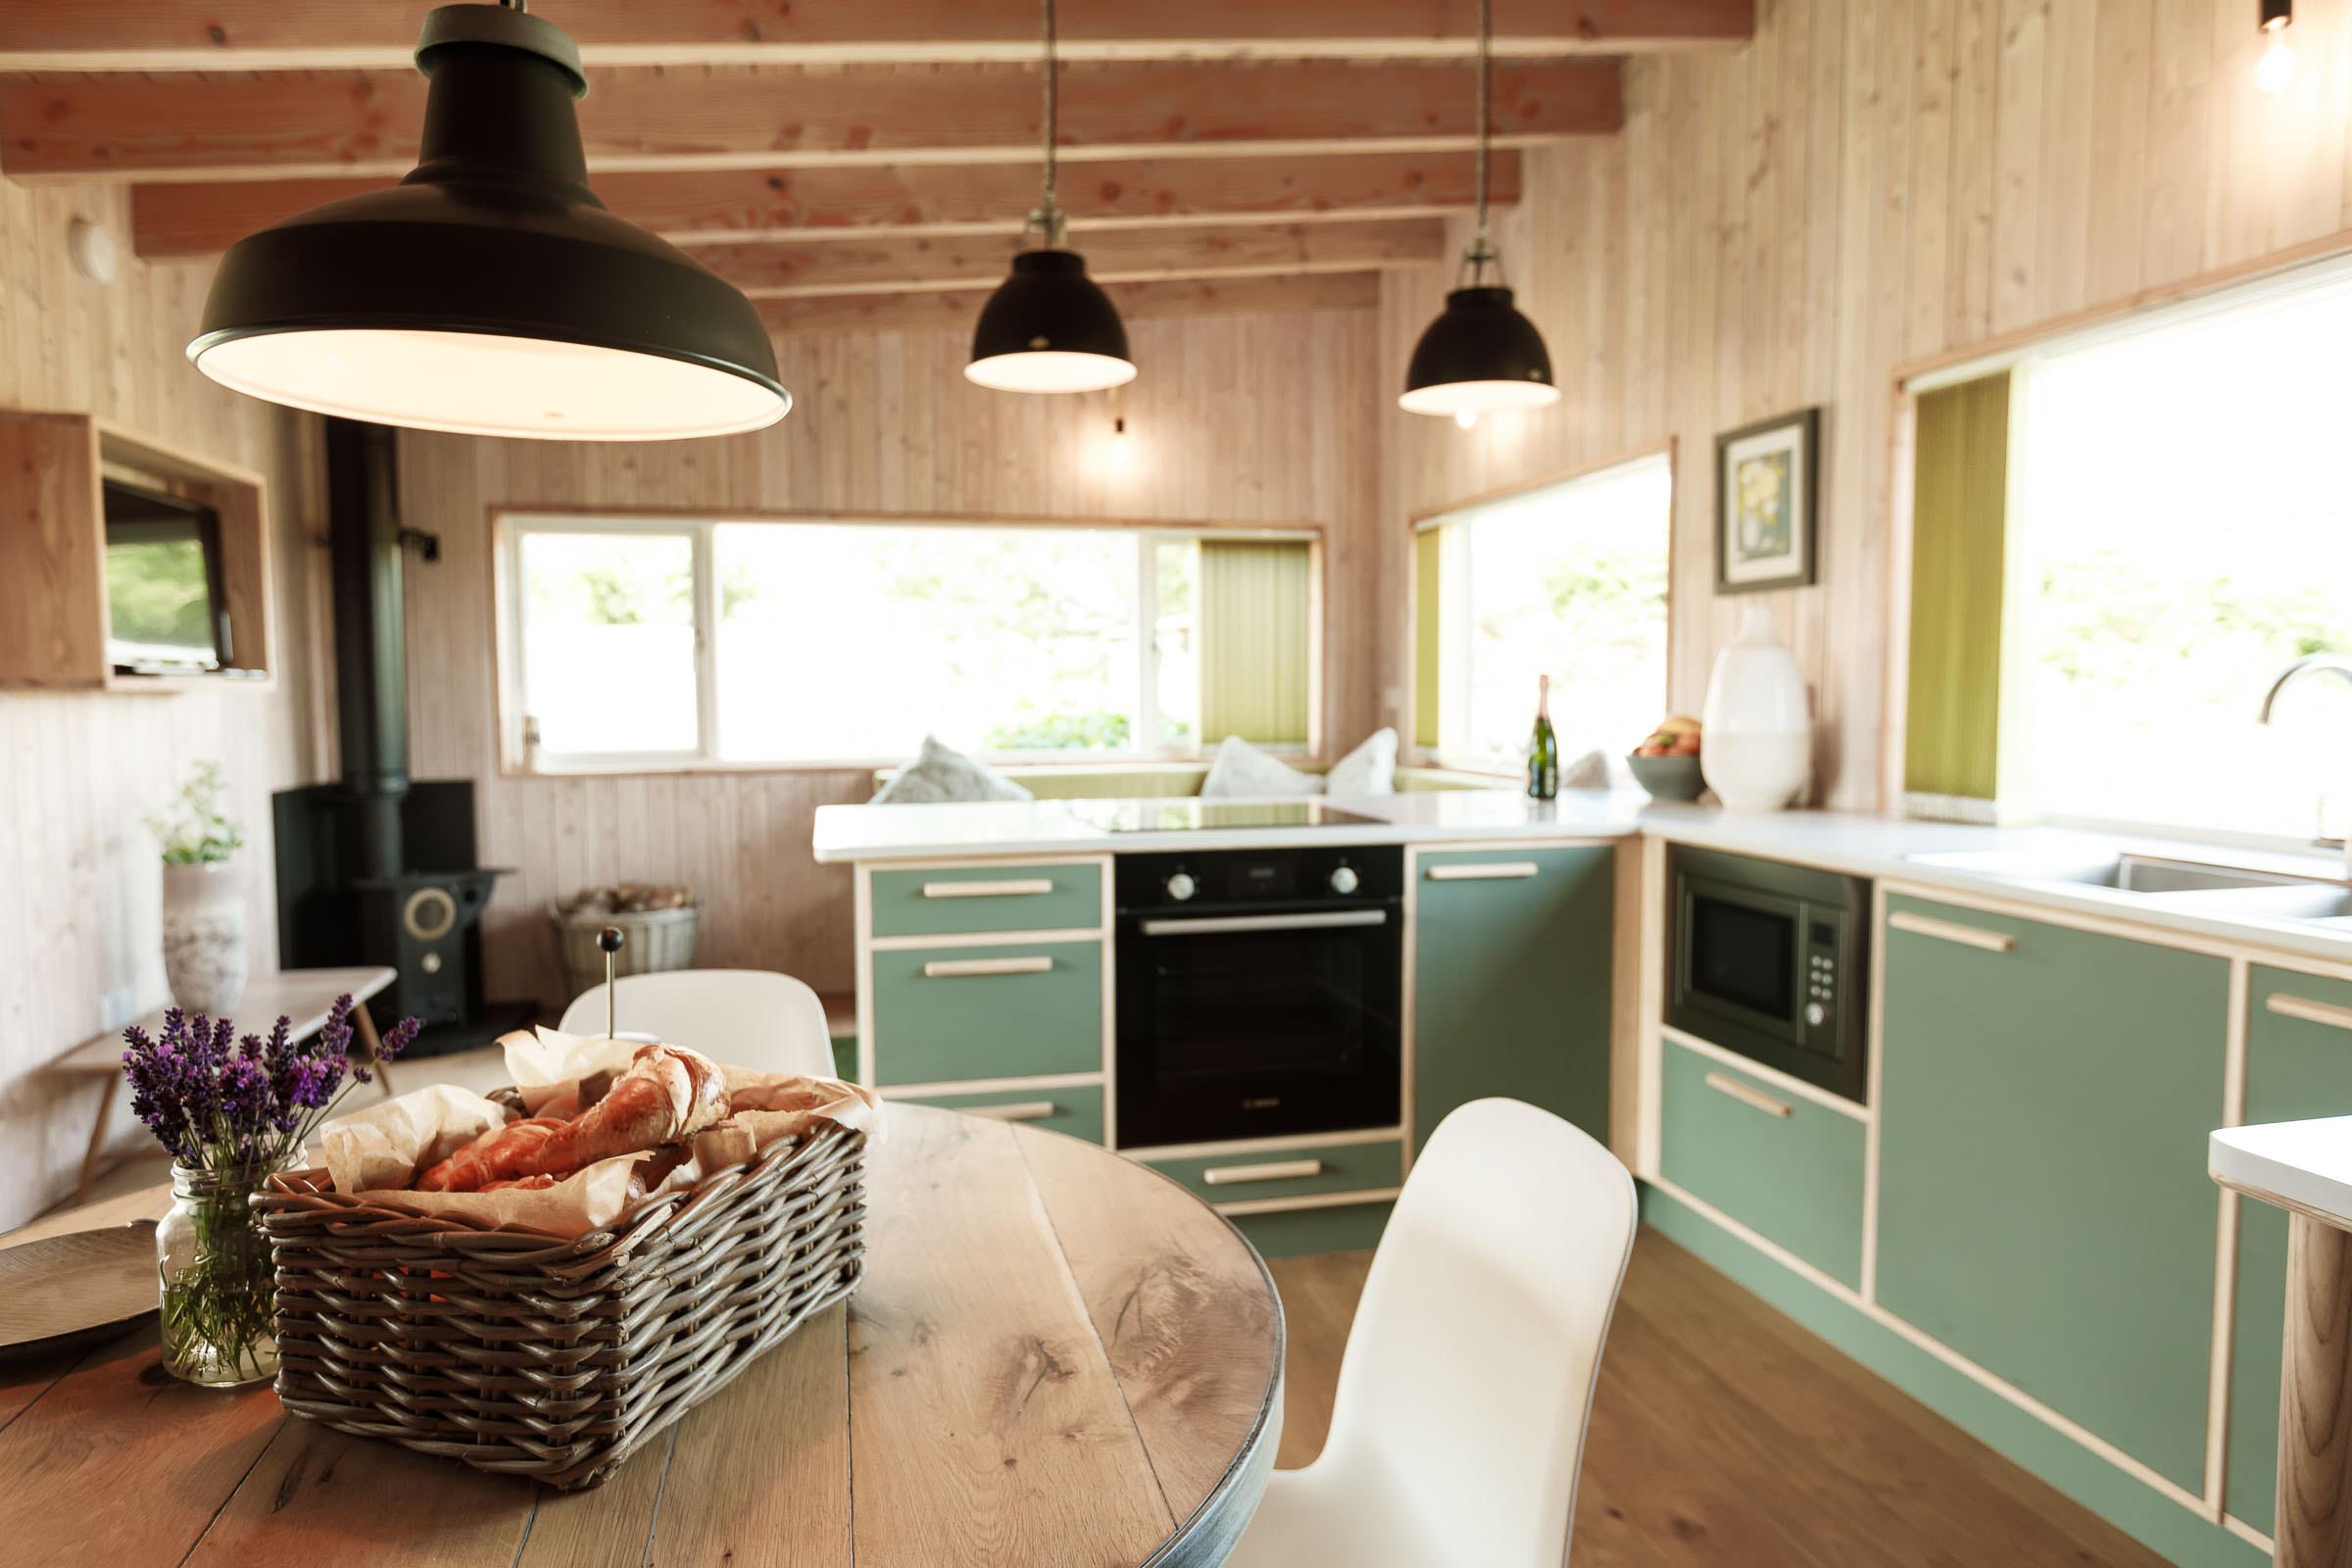 Gekko Design Hellesveor Cabin kitchen